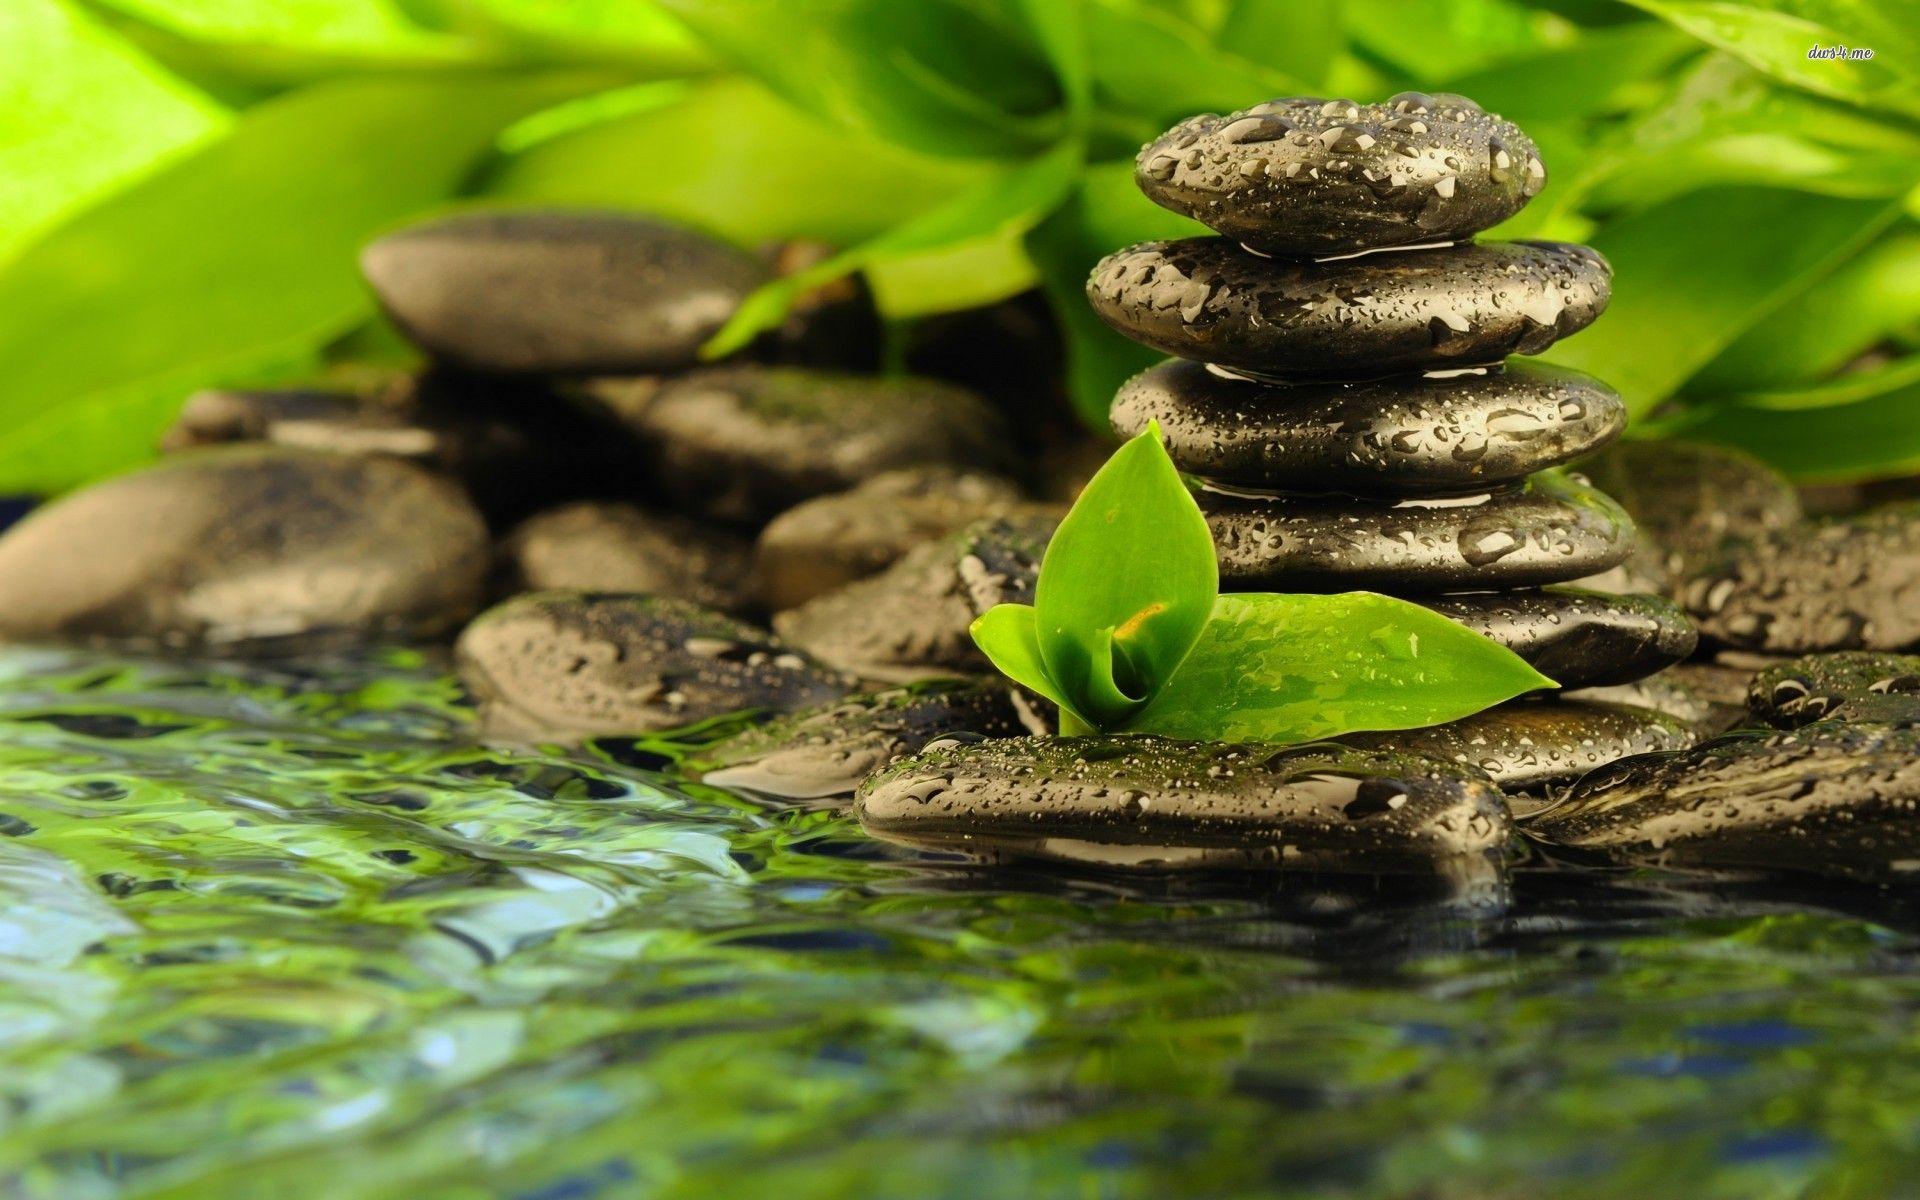 Hd wallpaper zen - Spa Zen Stones